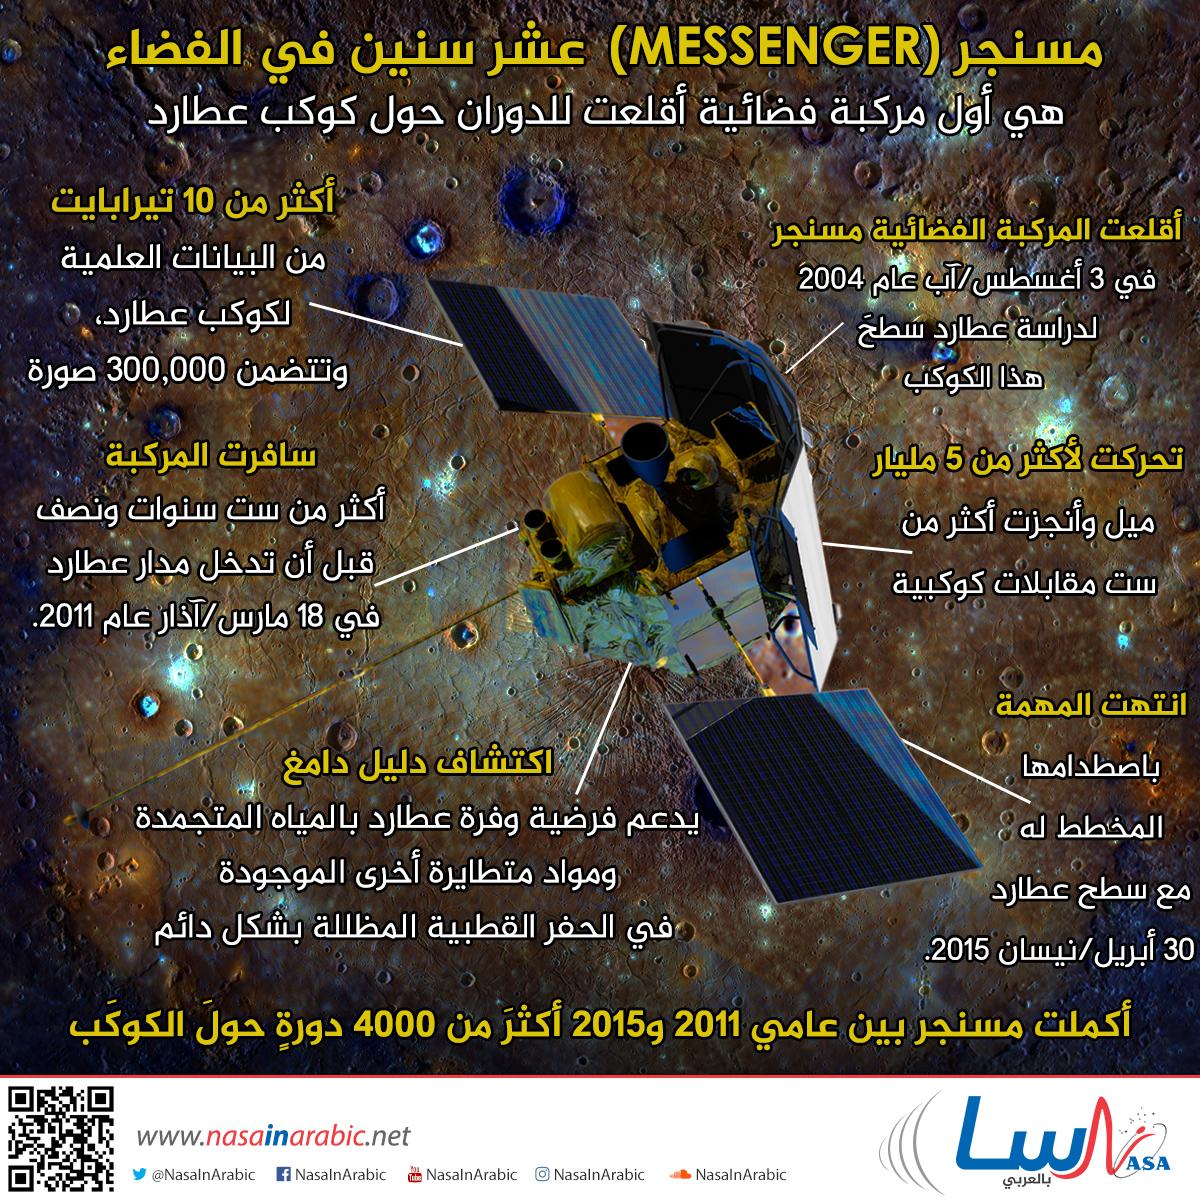 مسنجر 10 سنين في الفضاء